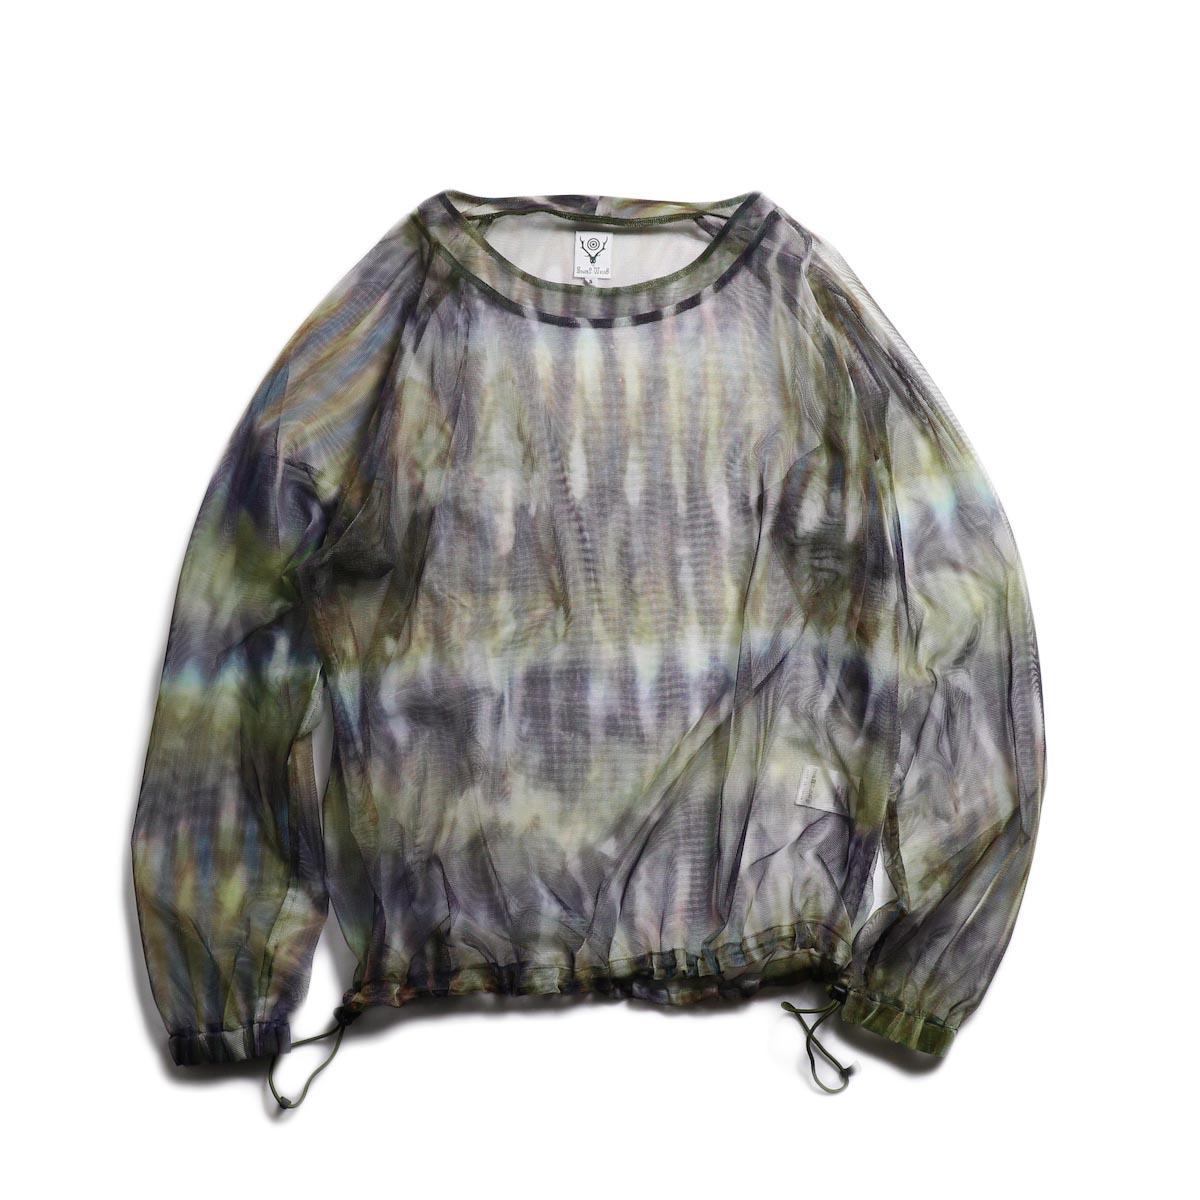 SOUTH2 WEST8 / Bush Shirt -Mesh Print (Tie Dye) 正面